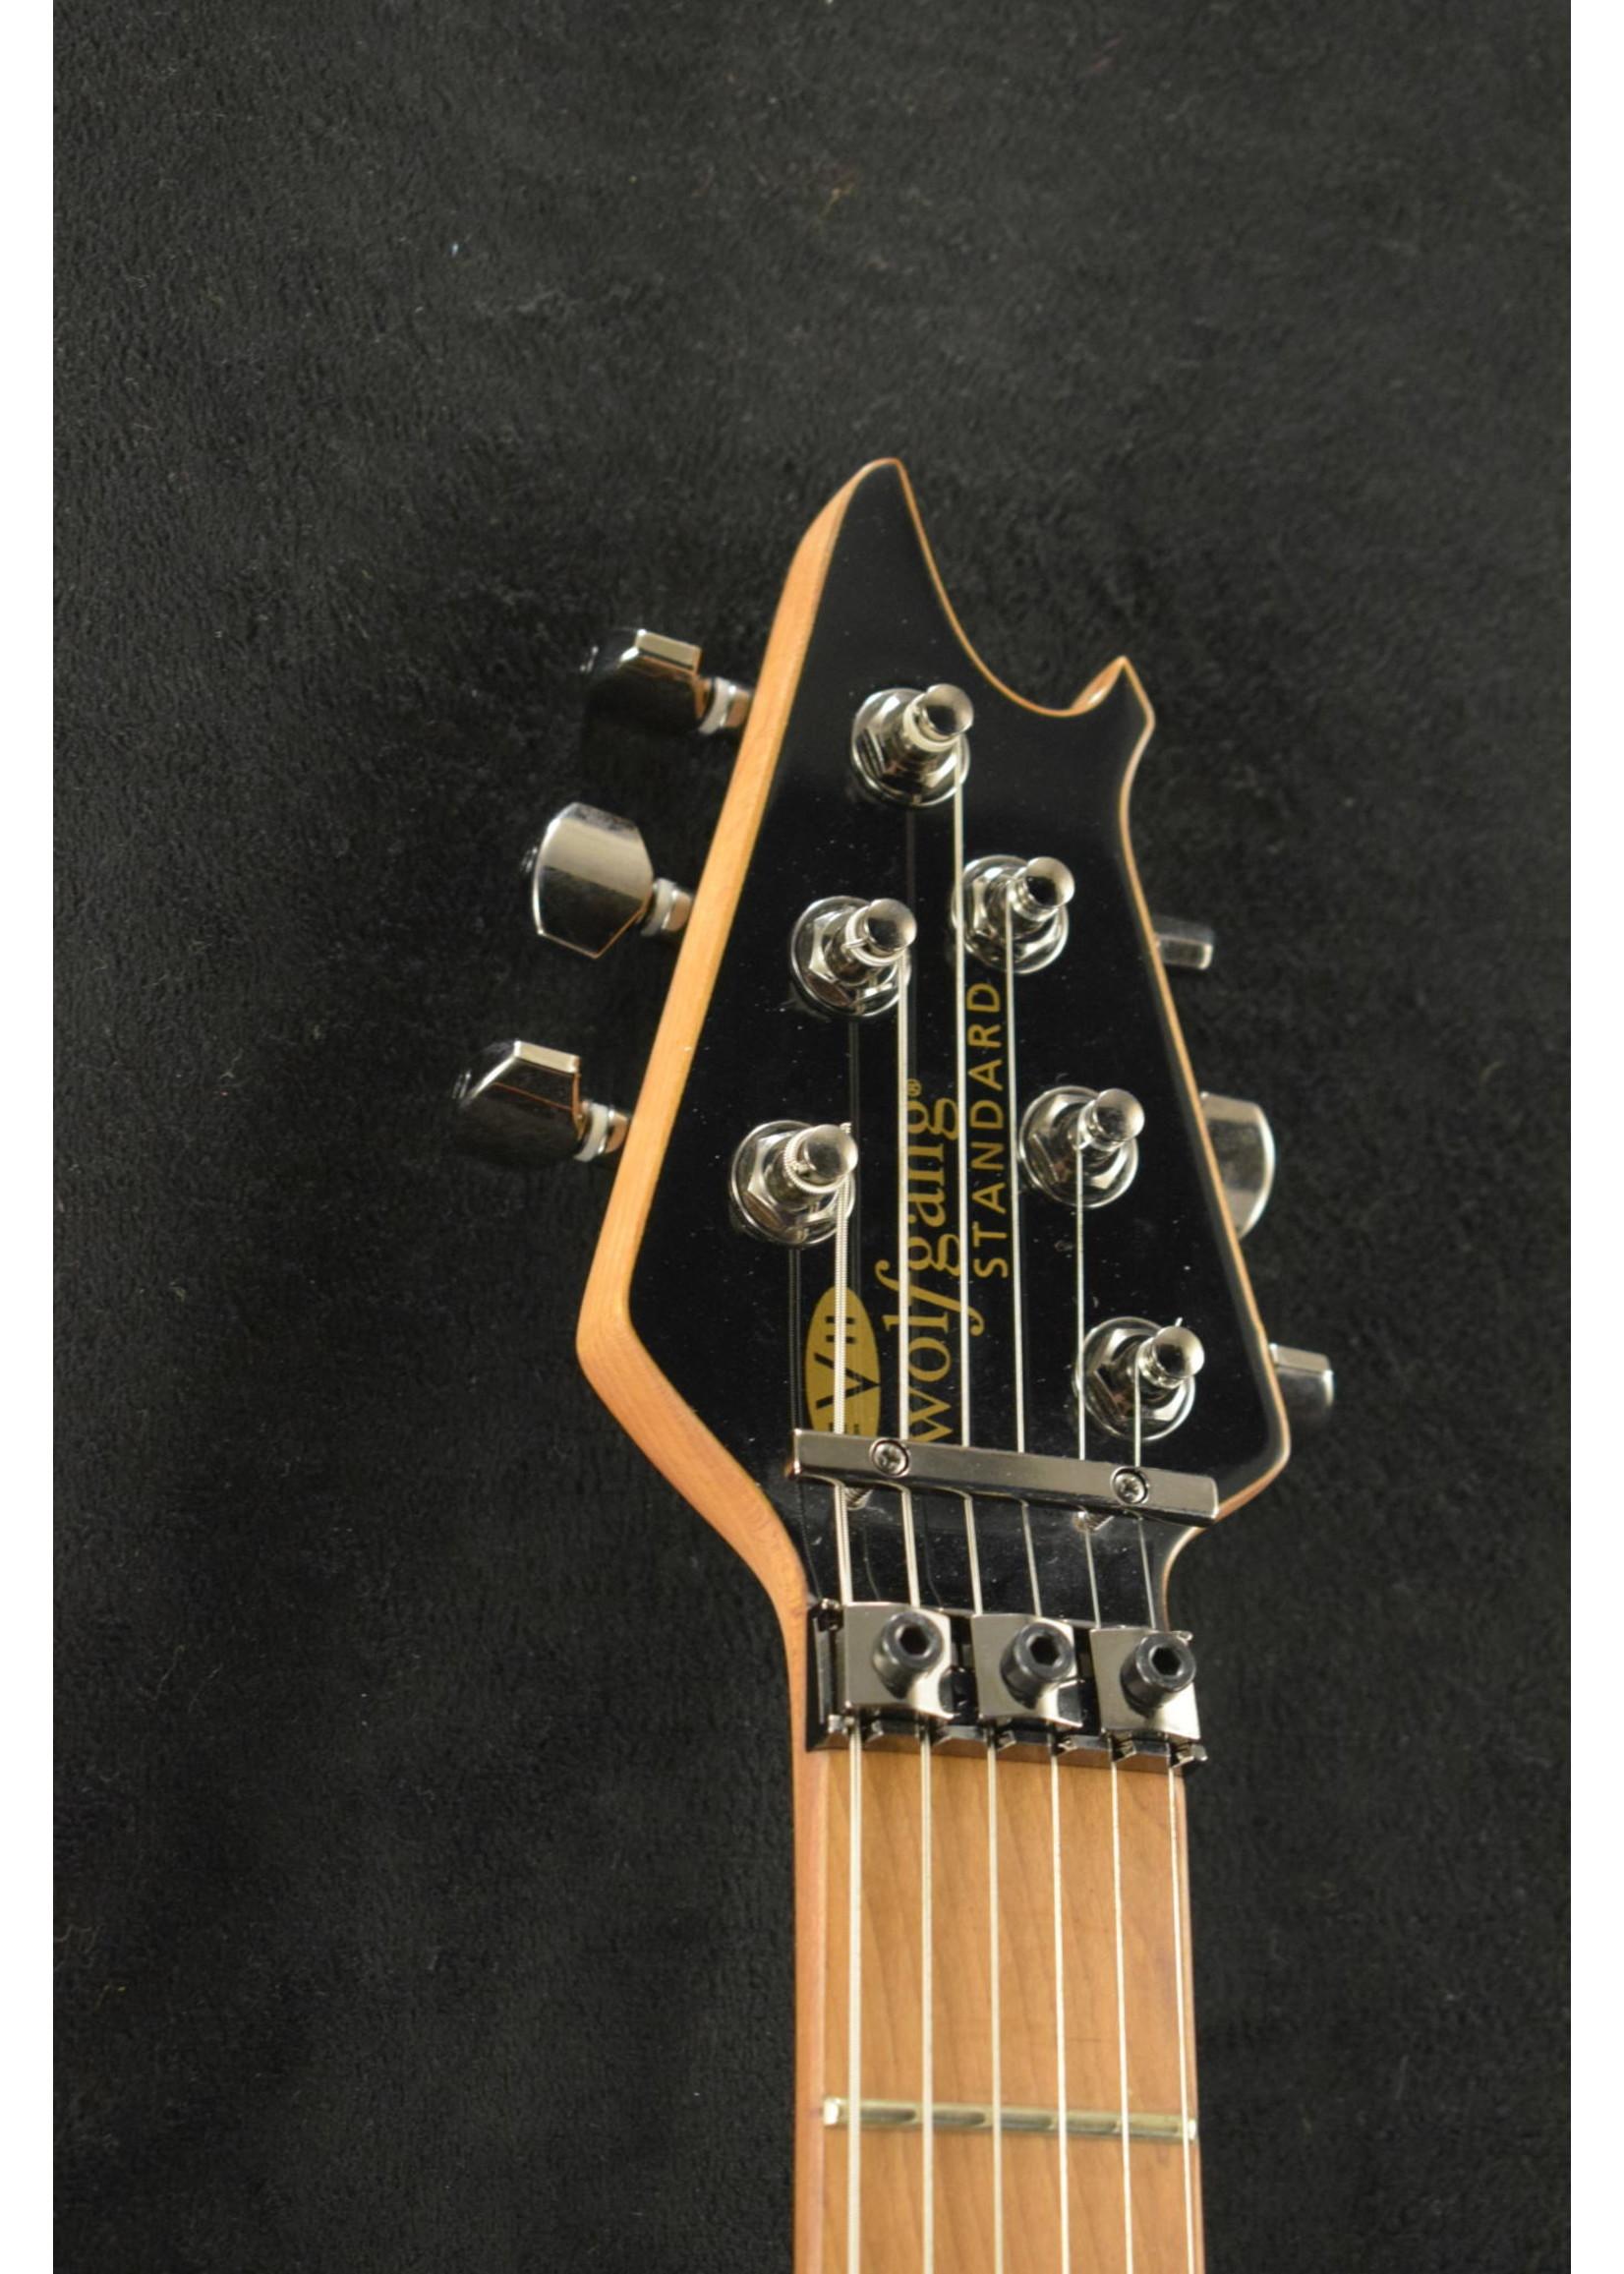 EVH EVH Wolfgang WG Standard Exotic Ziricote Baked Maple Fingerboard Natural